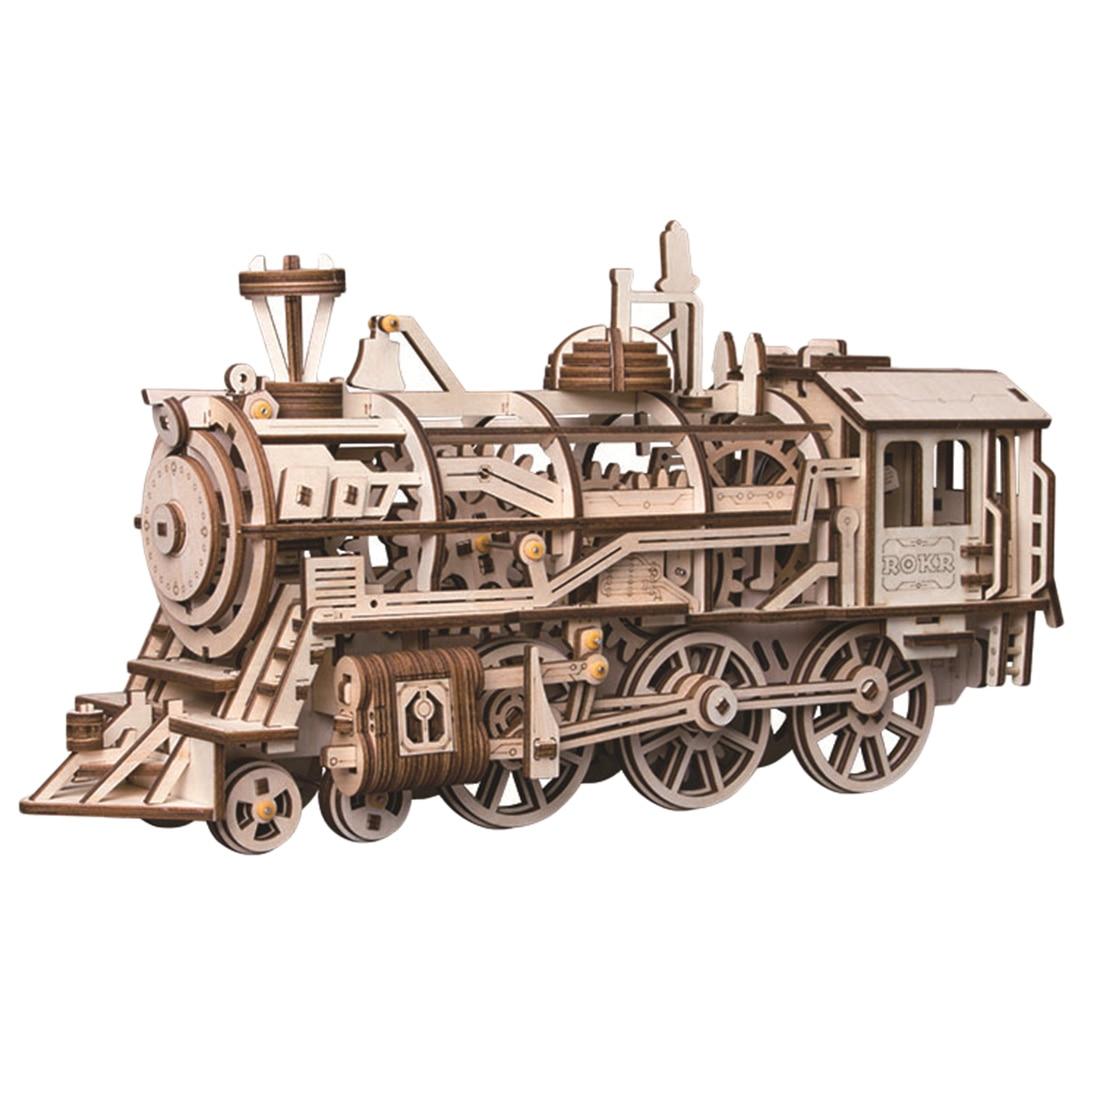 Chaude Populaire Creative Mécanique Engrenages 3D En Bois Puzzle Pour Enfants Mouvement Assemblé Locomotive À Vapeur Tige Cadeau Jouets Drop Ship